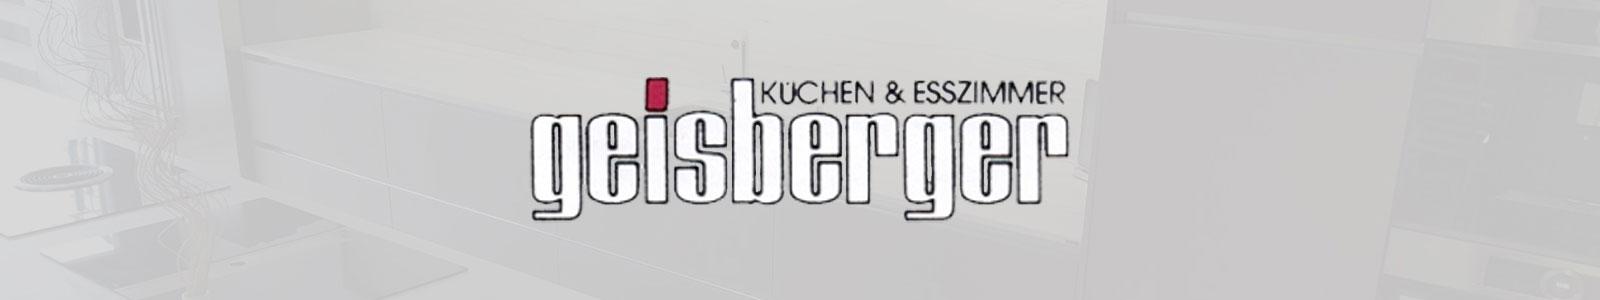 Küchen & Esszimmer Geisberger